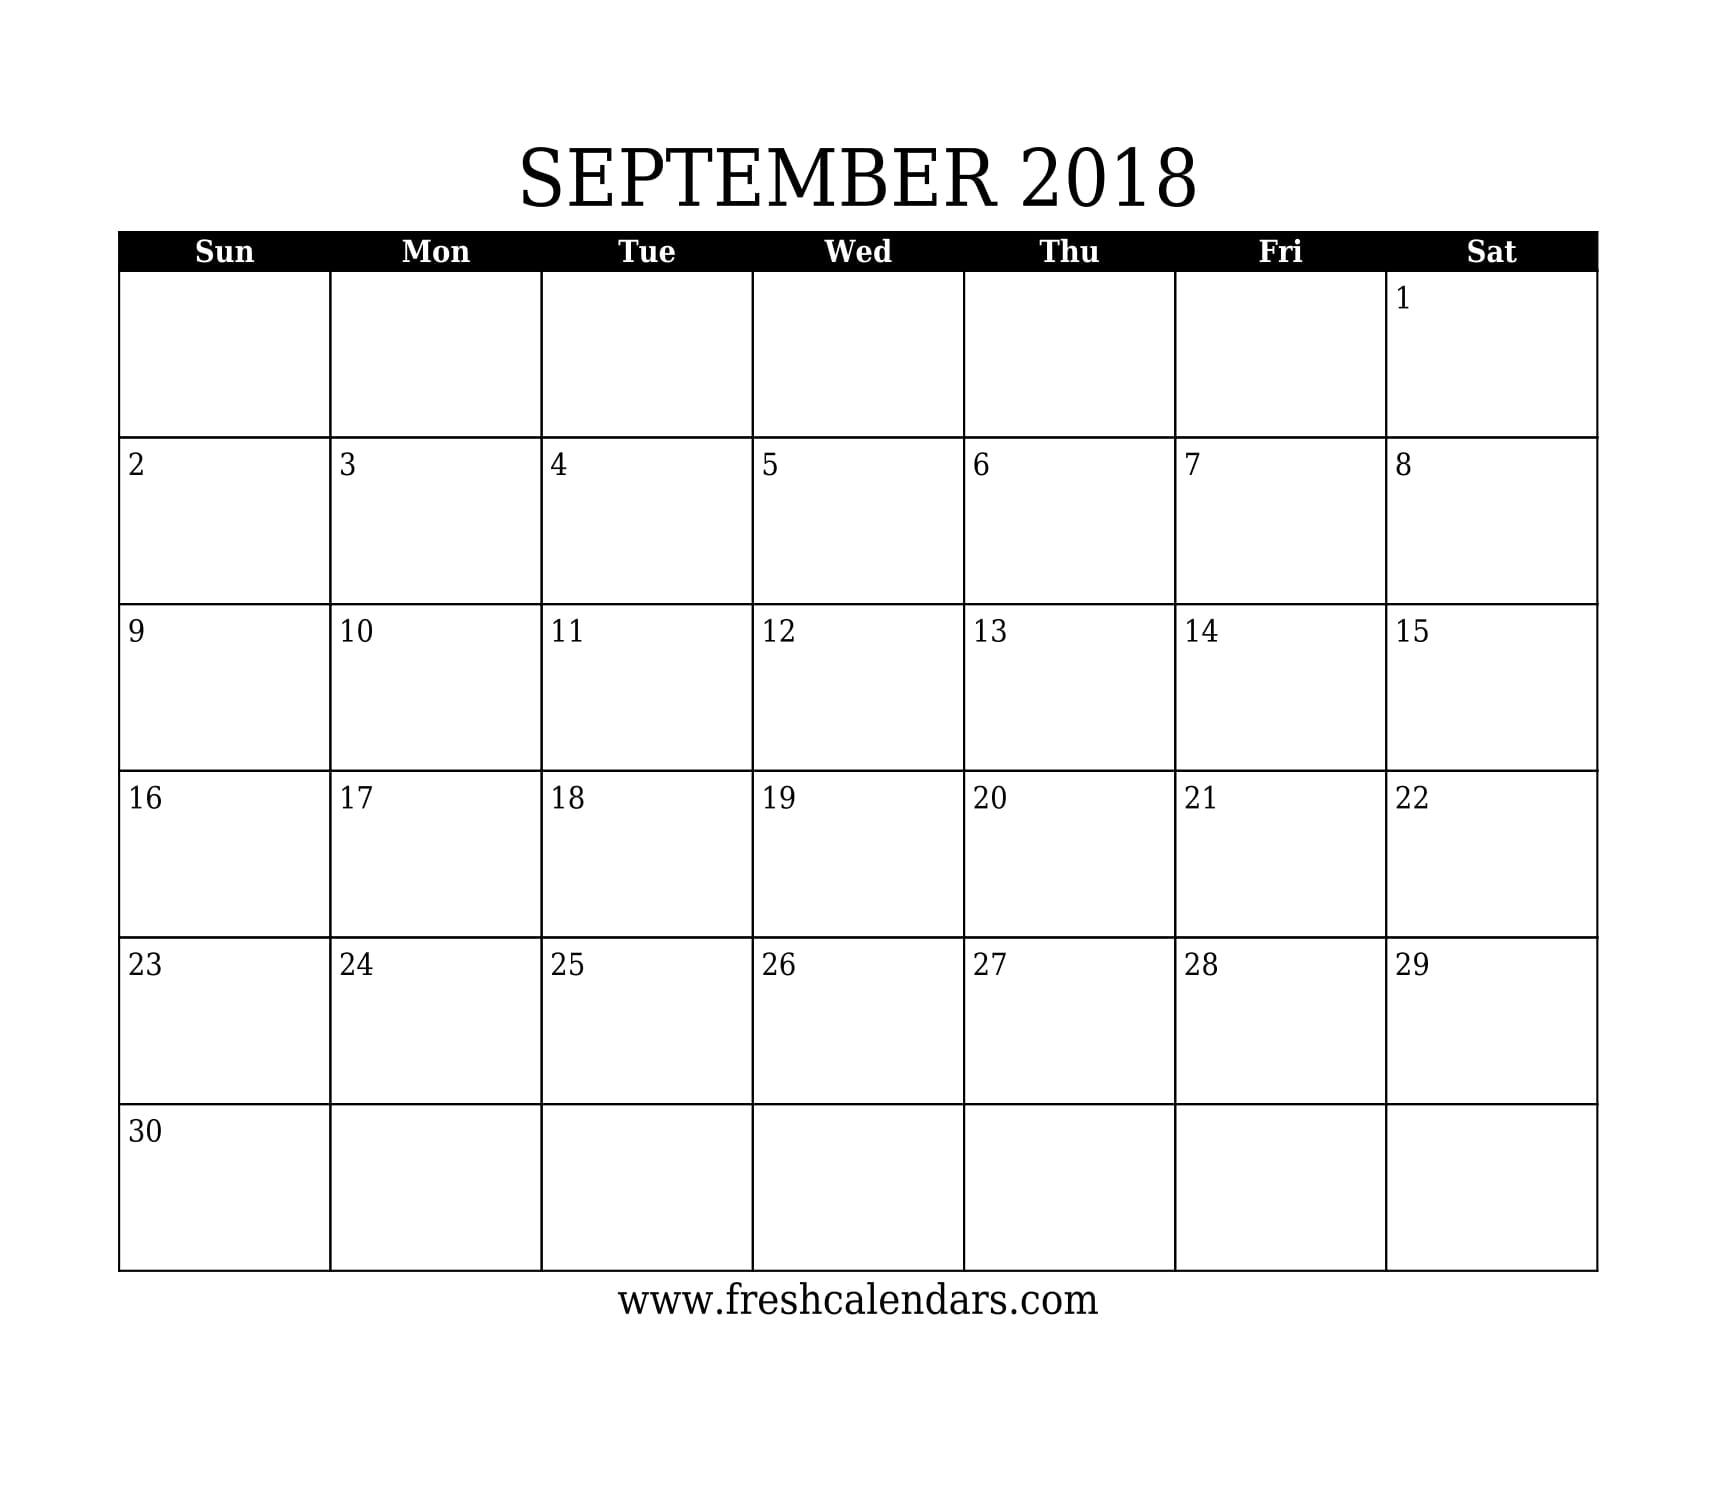 September 2018 Calendar Printable - Fresh Calendars within Calendar For The Month Of September